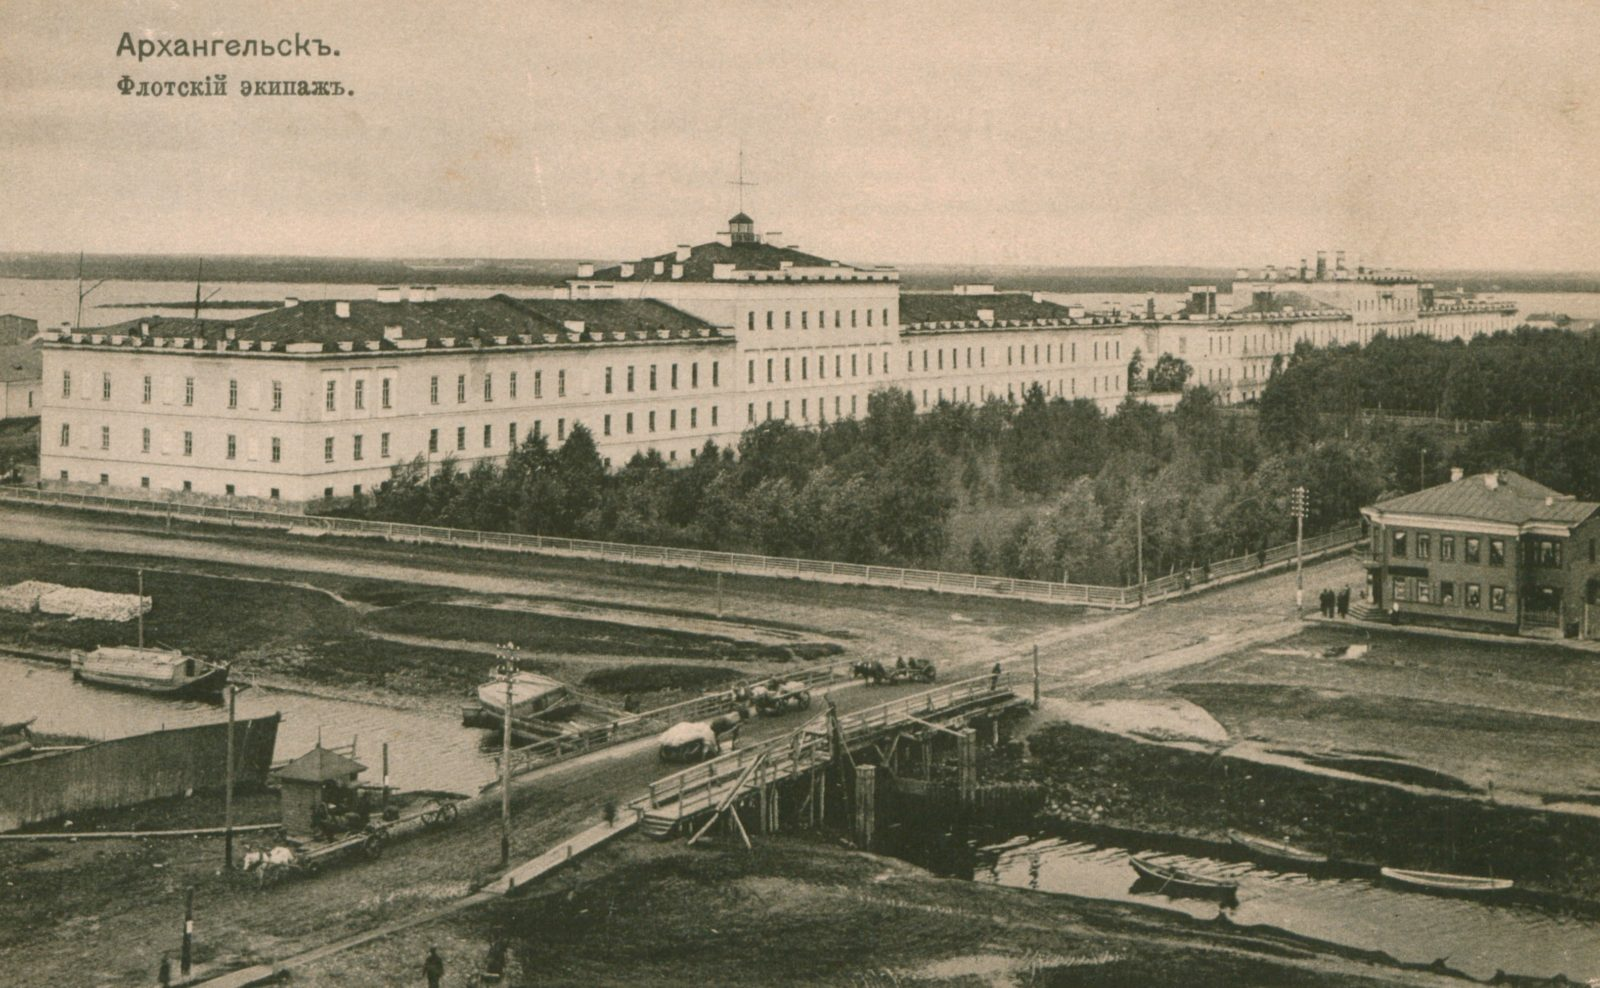 Arkhangelsk Flotskiy, Navy (Archangel)